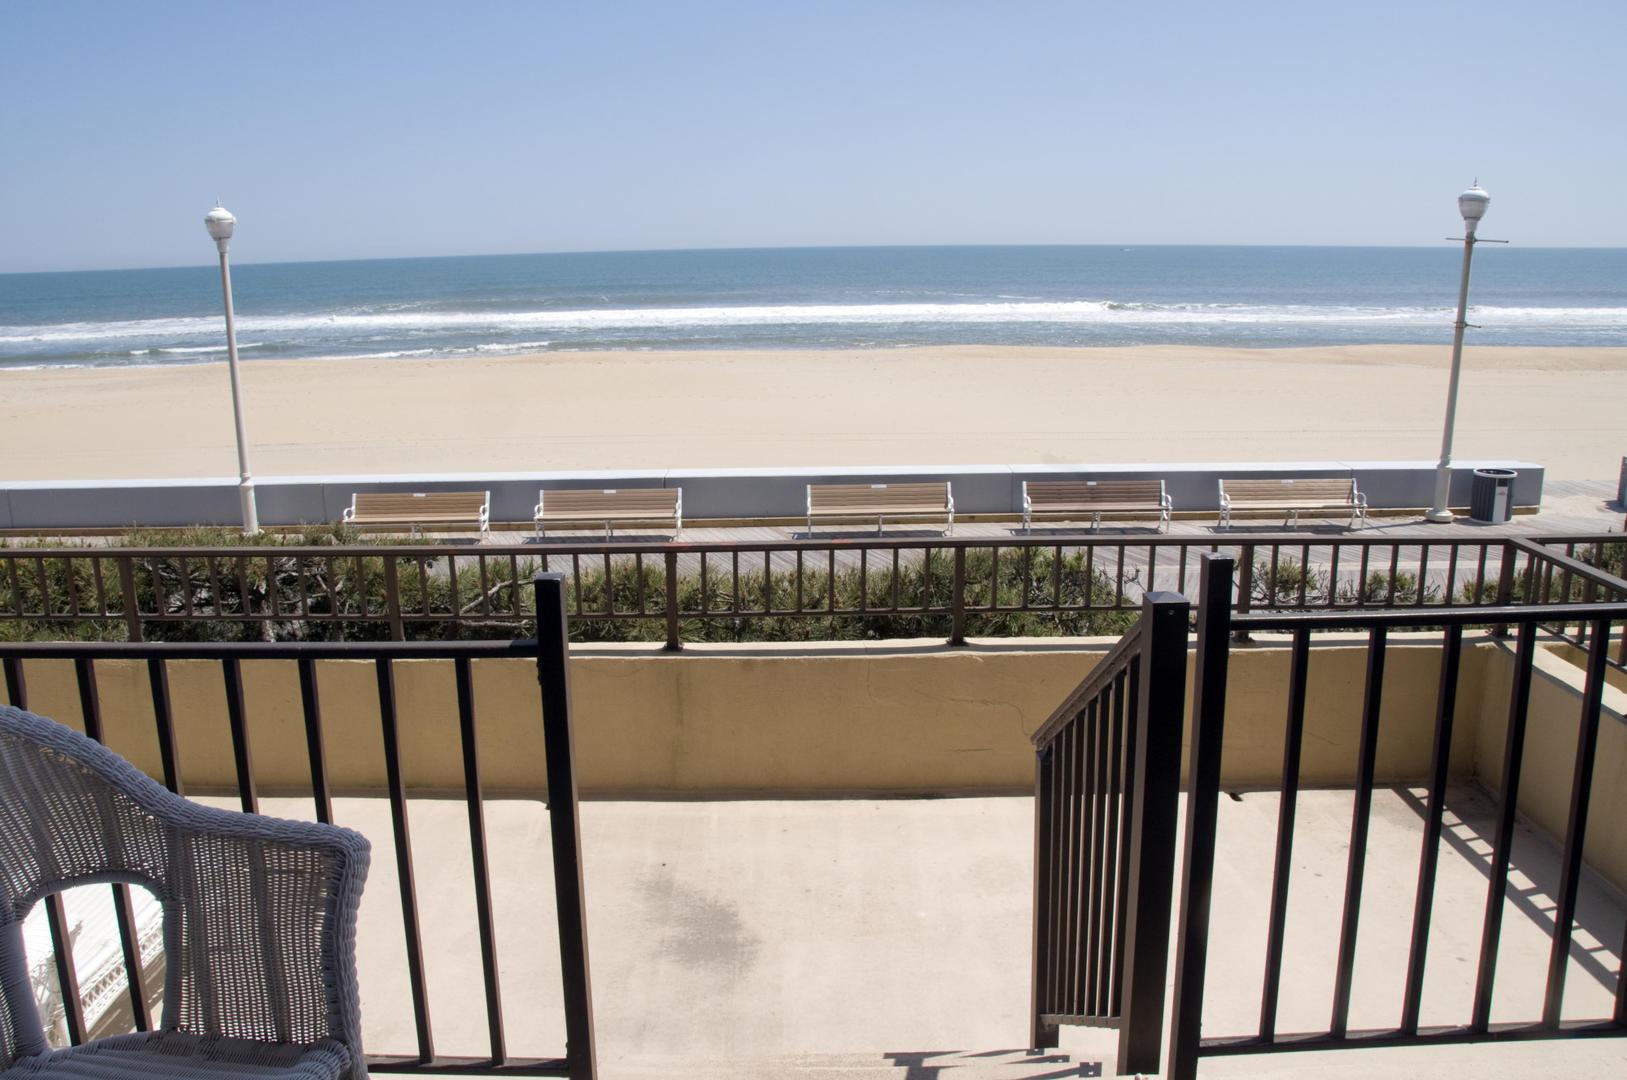 Ocean Hideaway 104 - Views of Ocean and Boardwalk